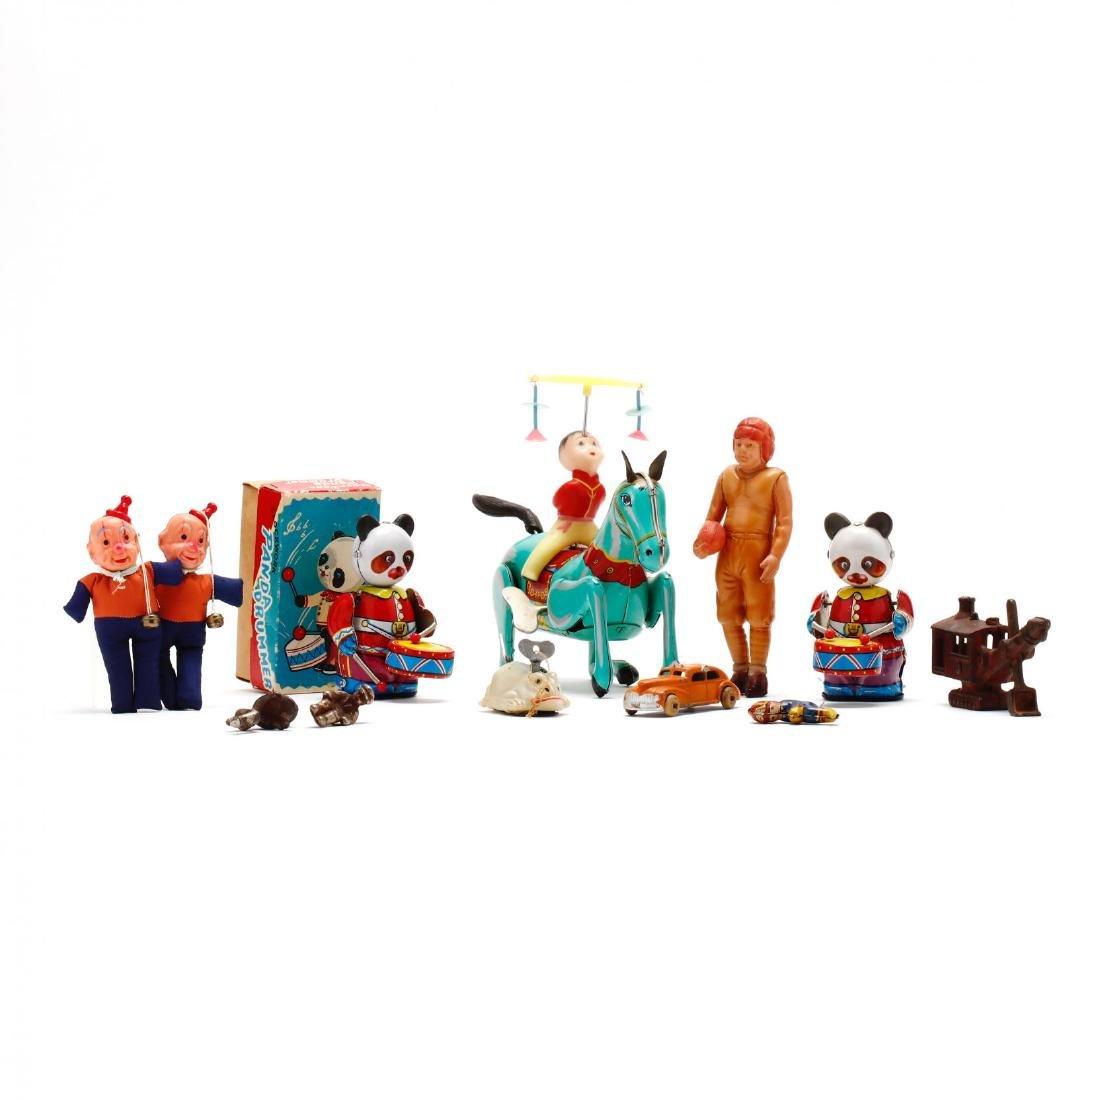 An Assortment Vintage Toys